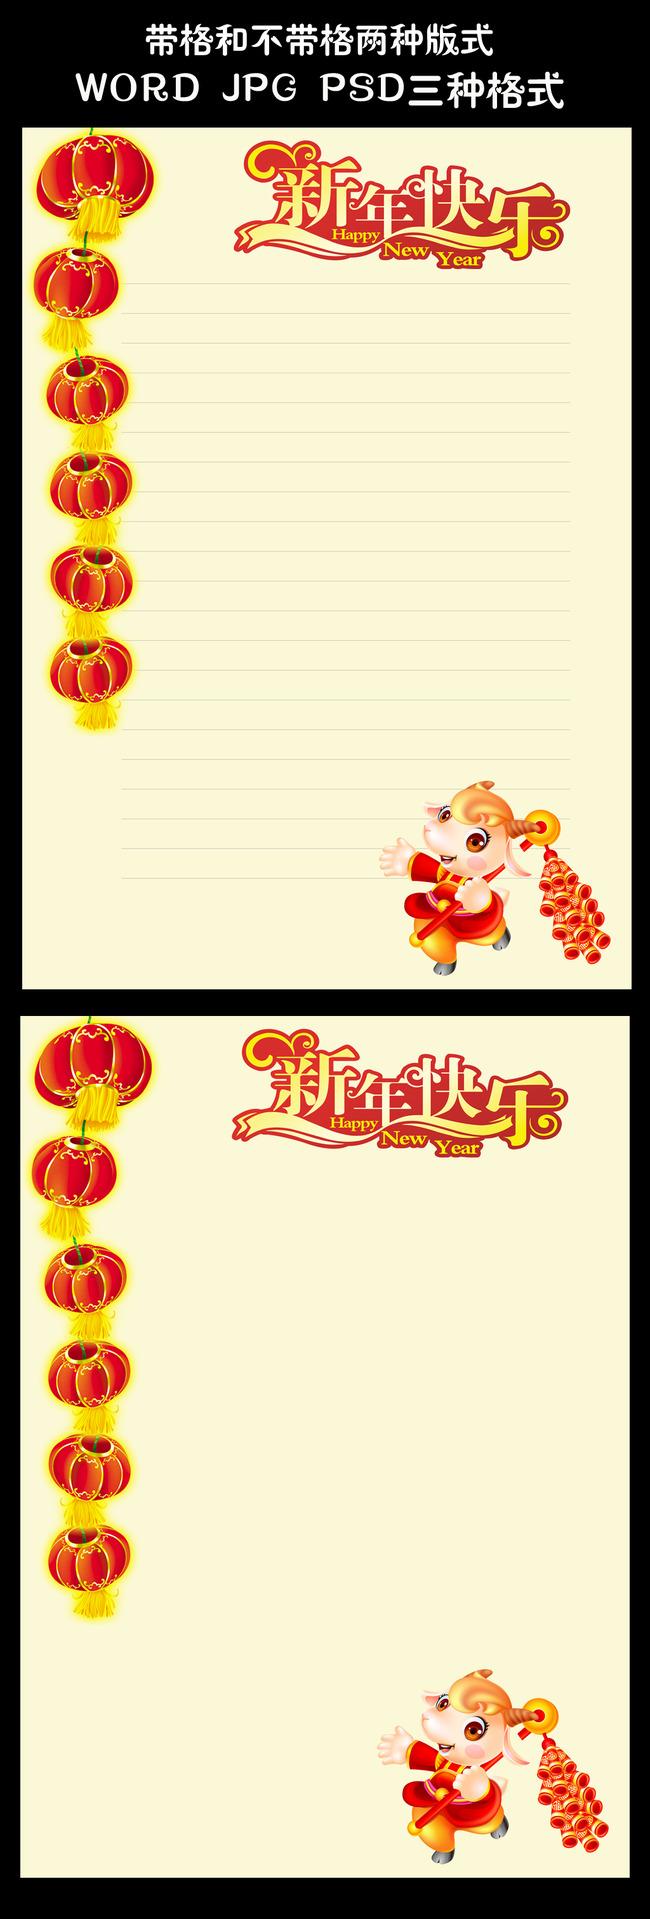 节日信纸背景新年快乐元旦新年春节节日羊年羊灯笼年节日模板背景word图片